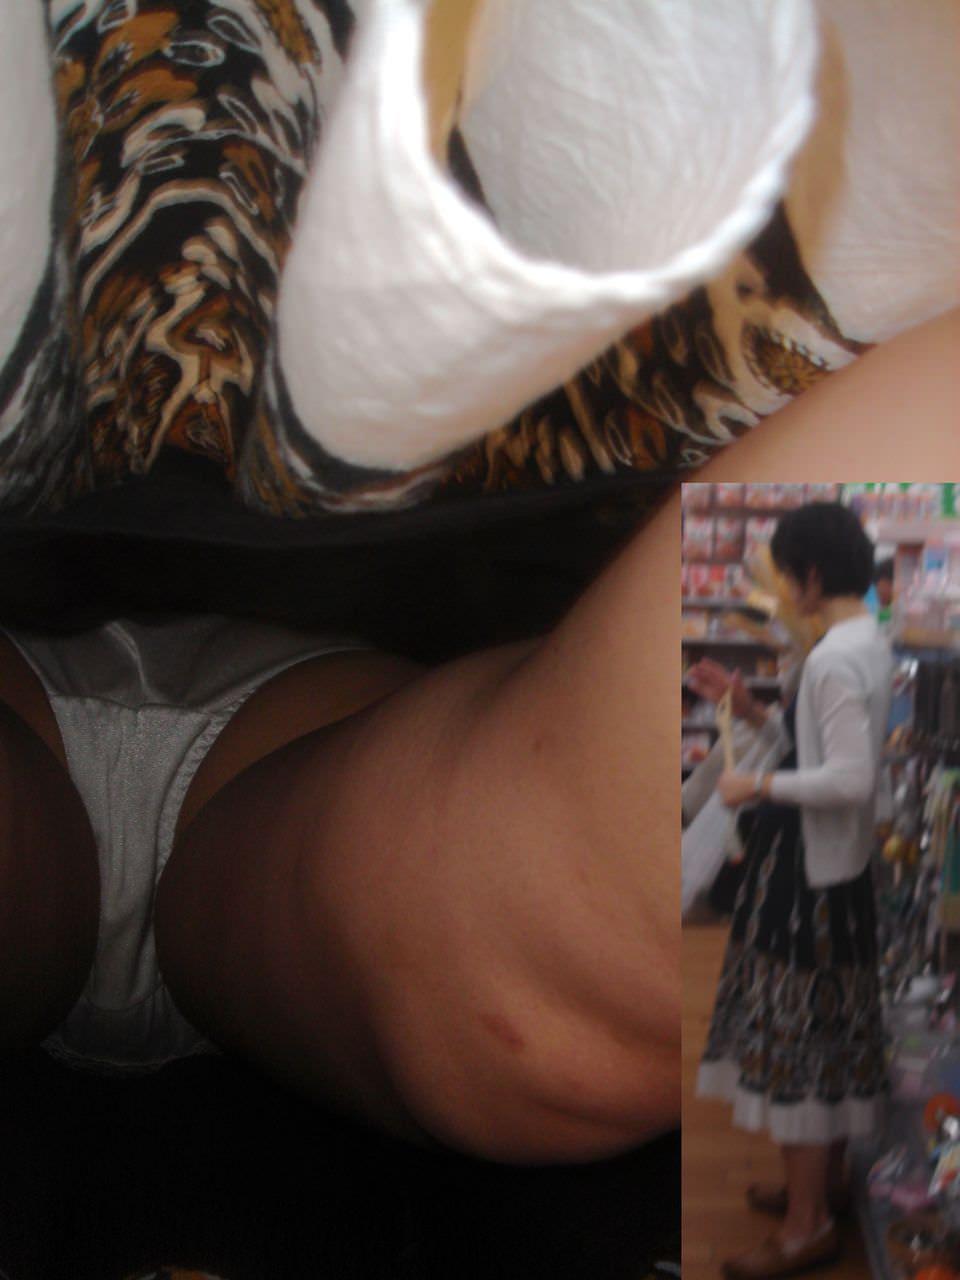 【逆さ撮り盗撮】香ばしくて酸っぱい匂いがする真っ白なパンティーの素人娘のパンチラwwwww 2730